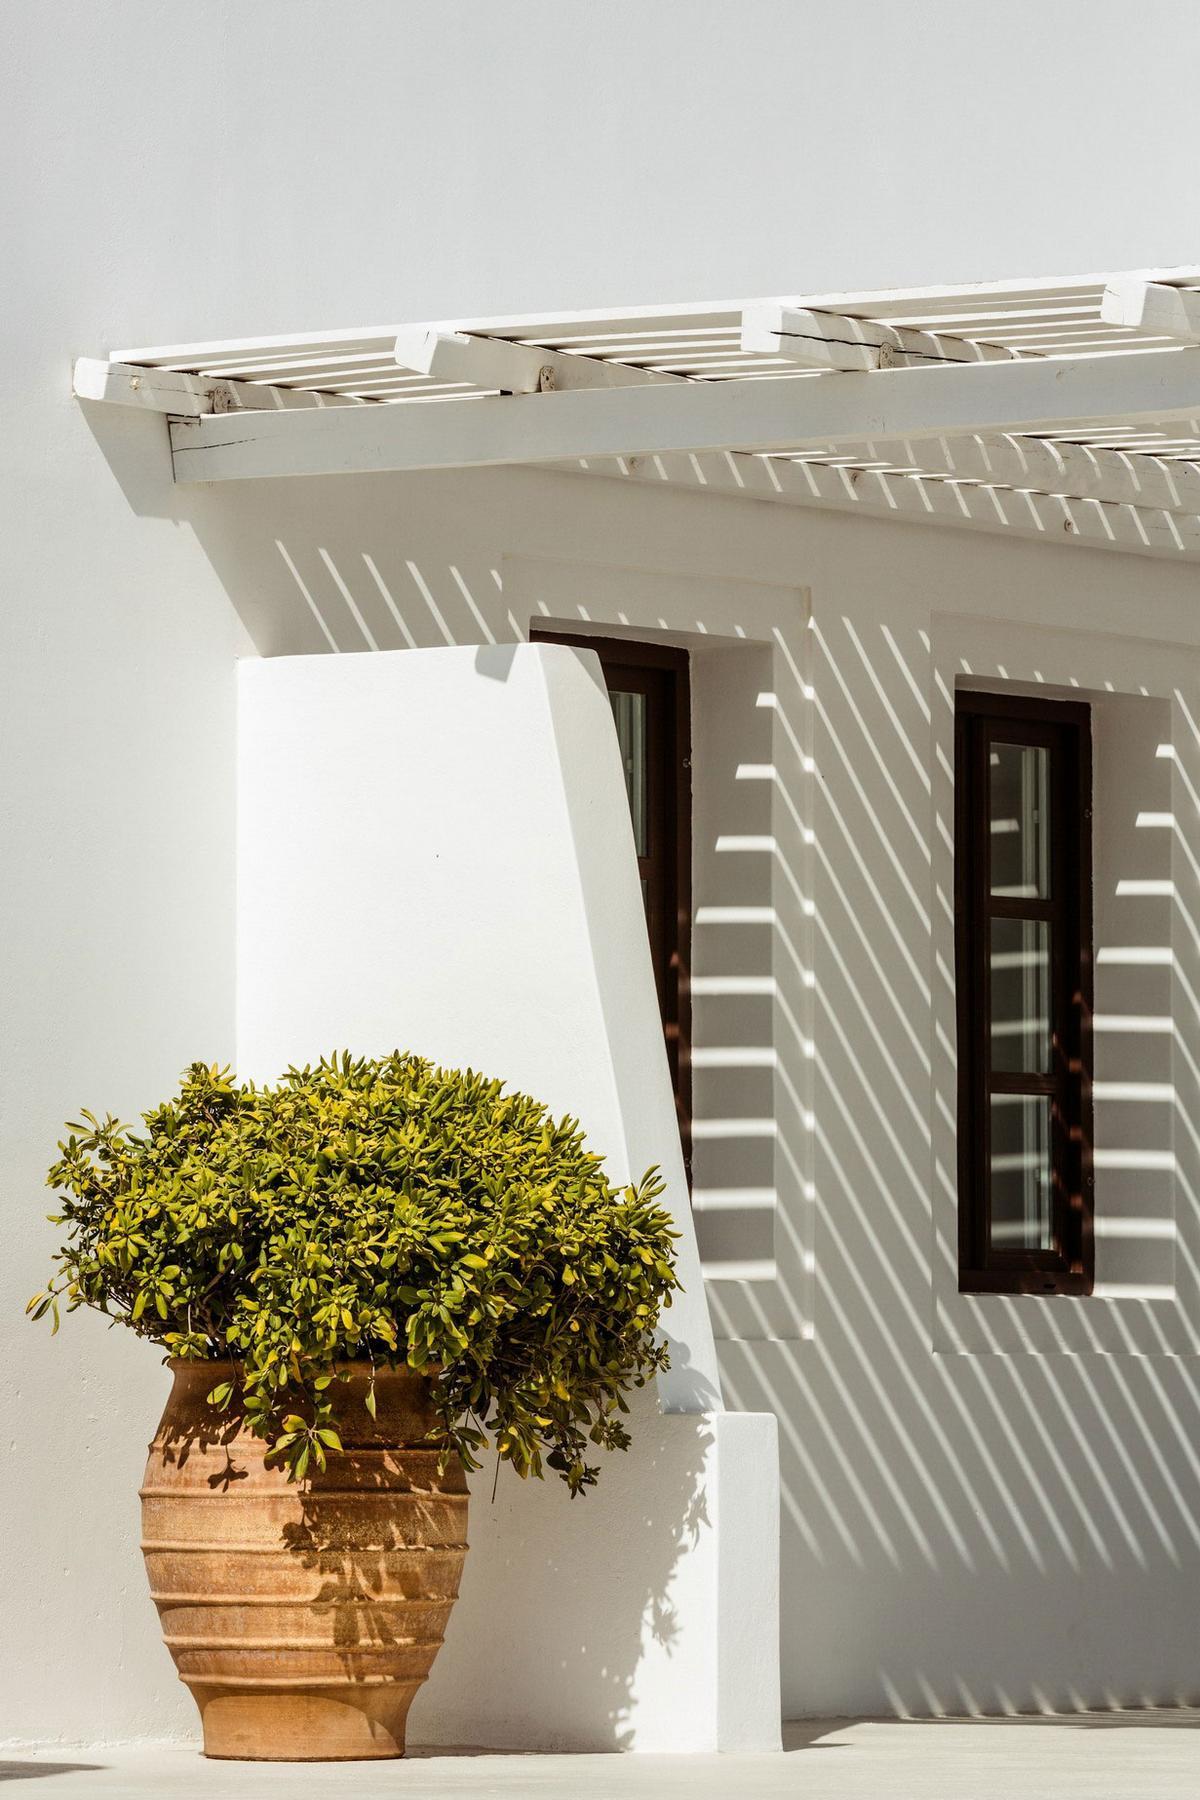 Aenaon Villas, Giorgos Zacharopoulos, отель в Греции, лучшие отели мира, дизайн отеля, отель для молодоженов, романтичный отель, отель Санторини